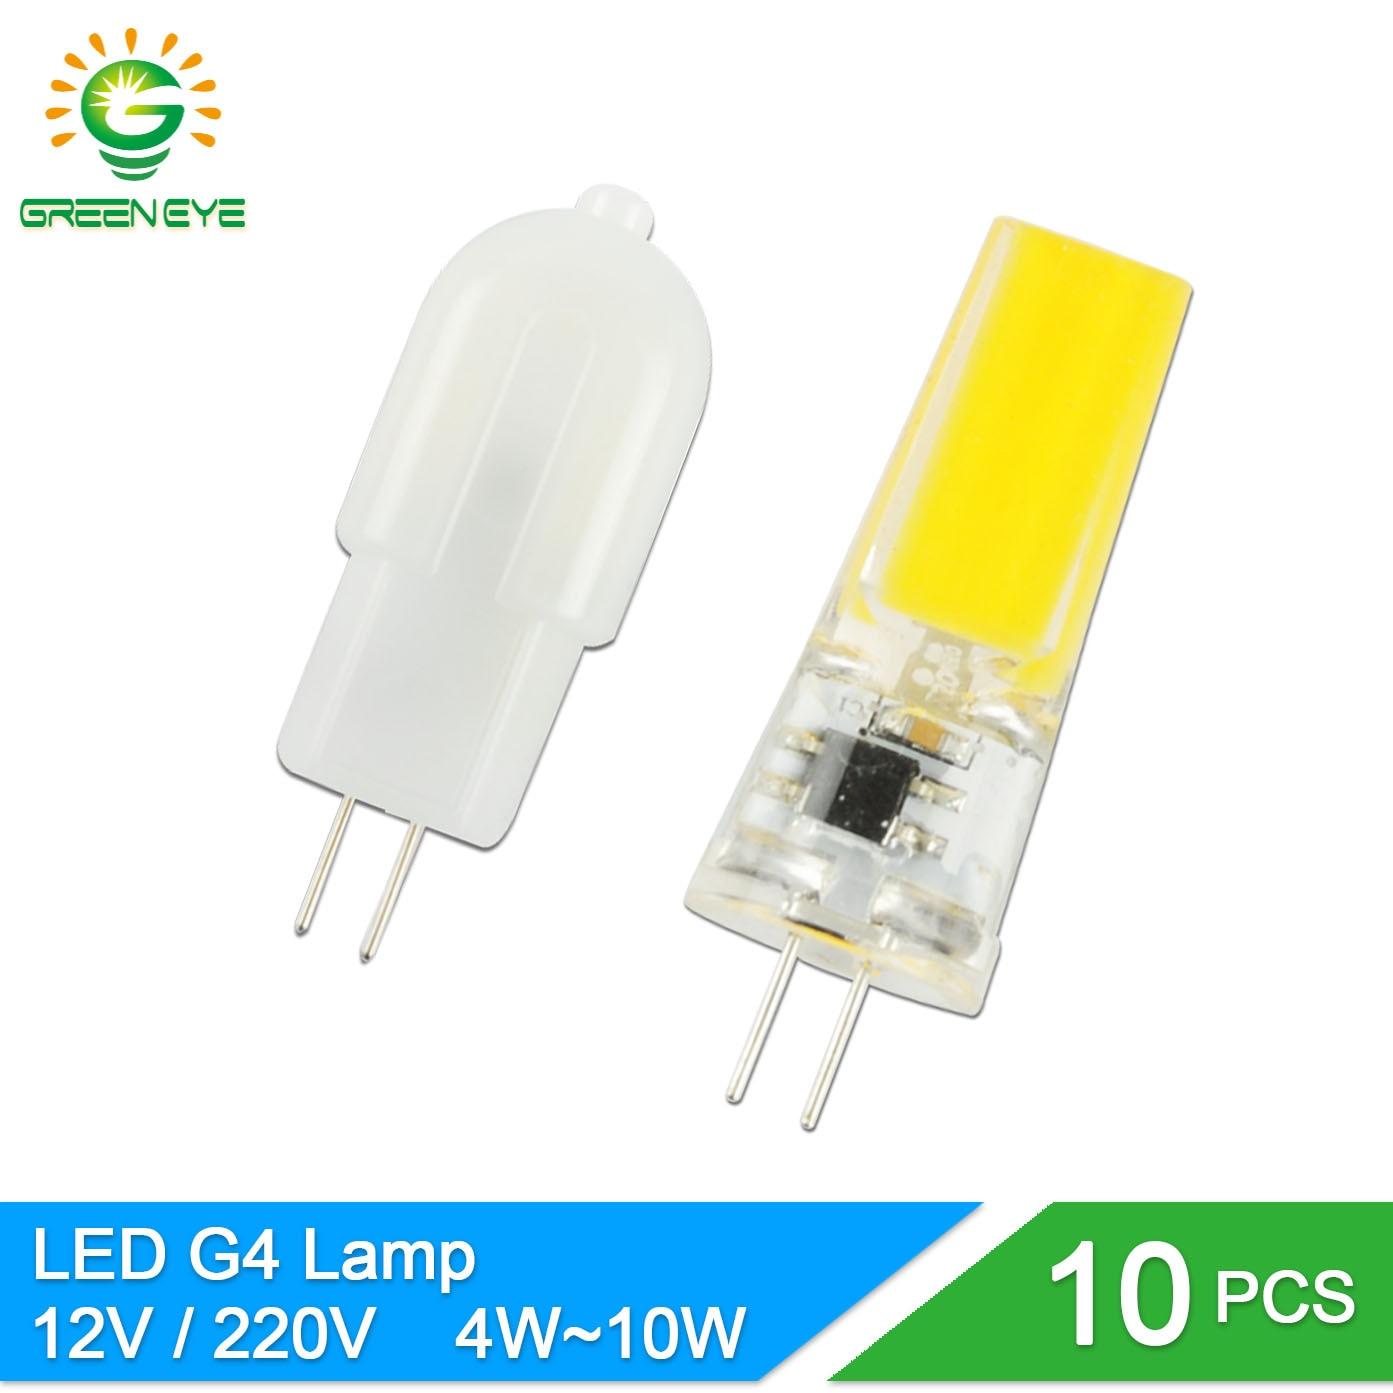 GreenEye-10Pcs-Mini-font-b-G4-b-font-font-b-LED-b-font-Lamp-AC220V-ACDC12V Faszinierend G4 Led 200 Lumen Dekorationen